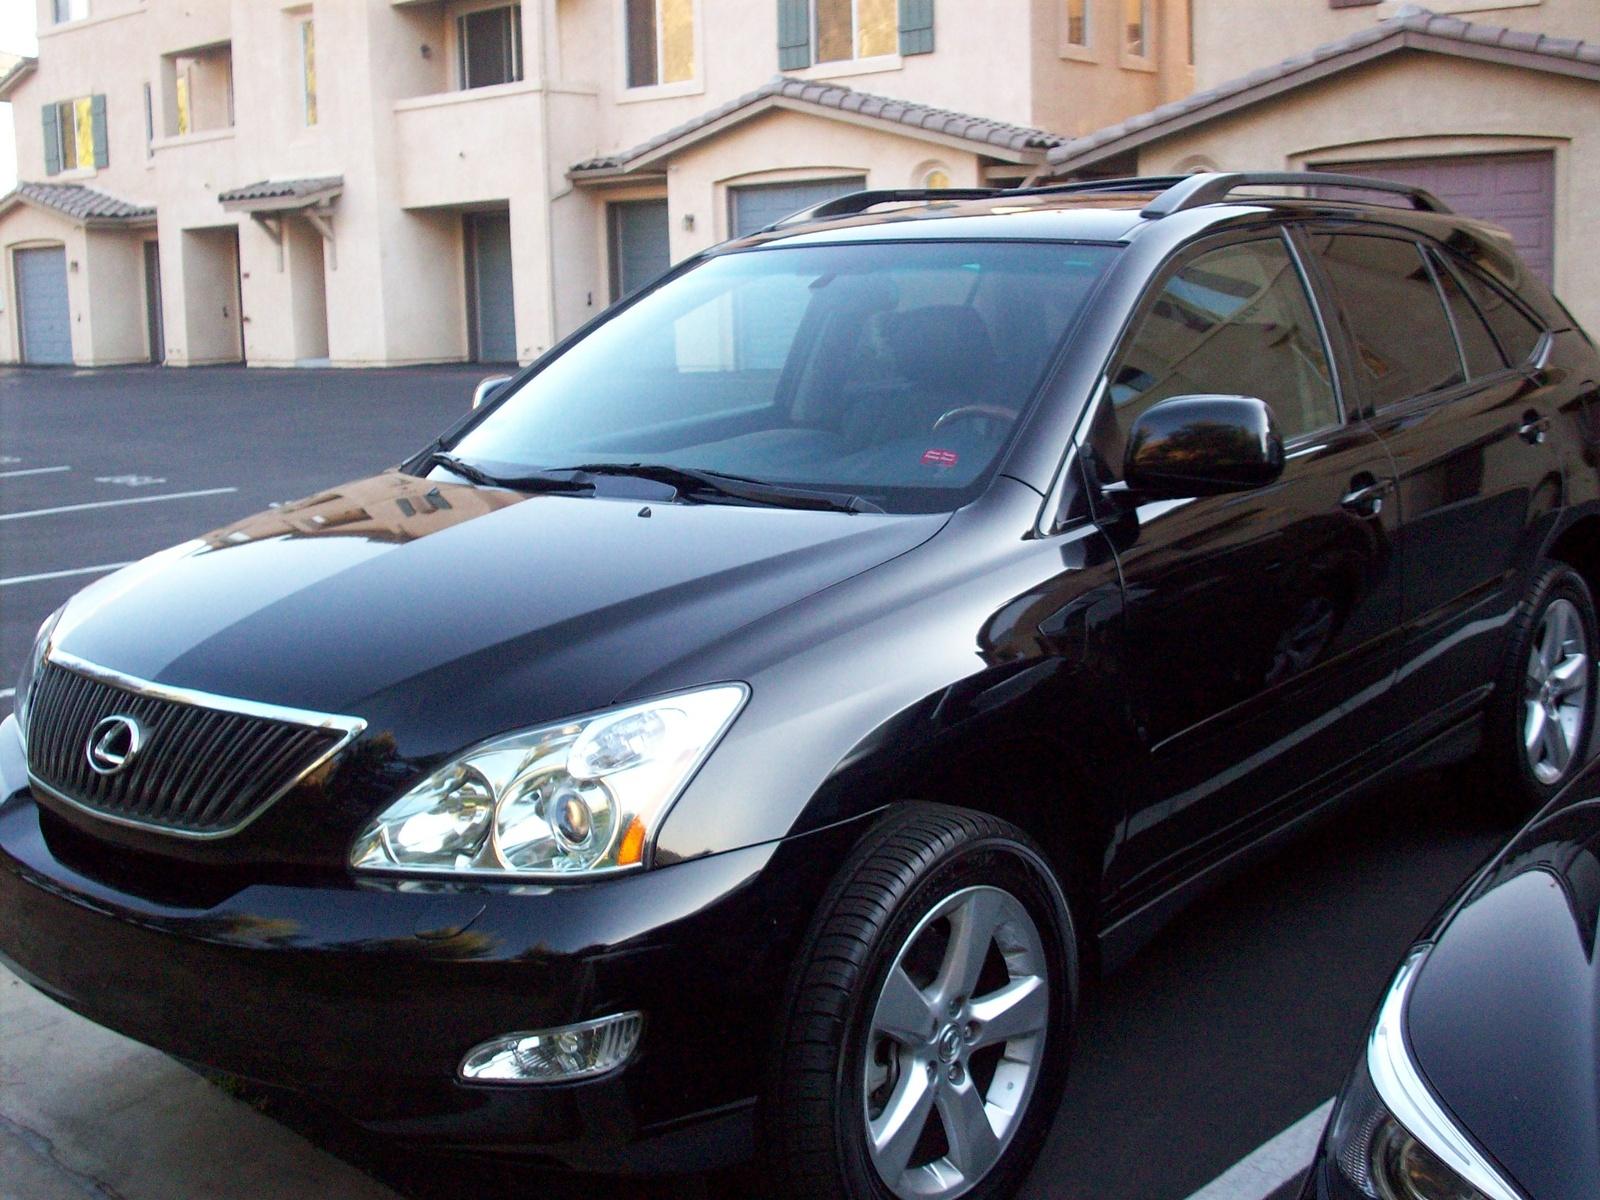 2006 Lexus Rx 330 Pictures Cargurus